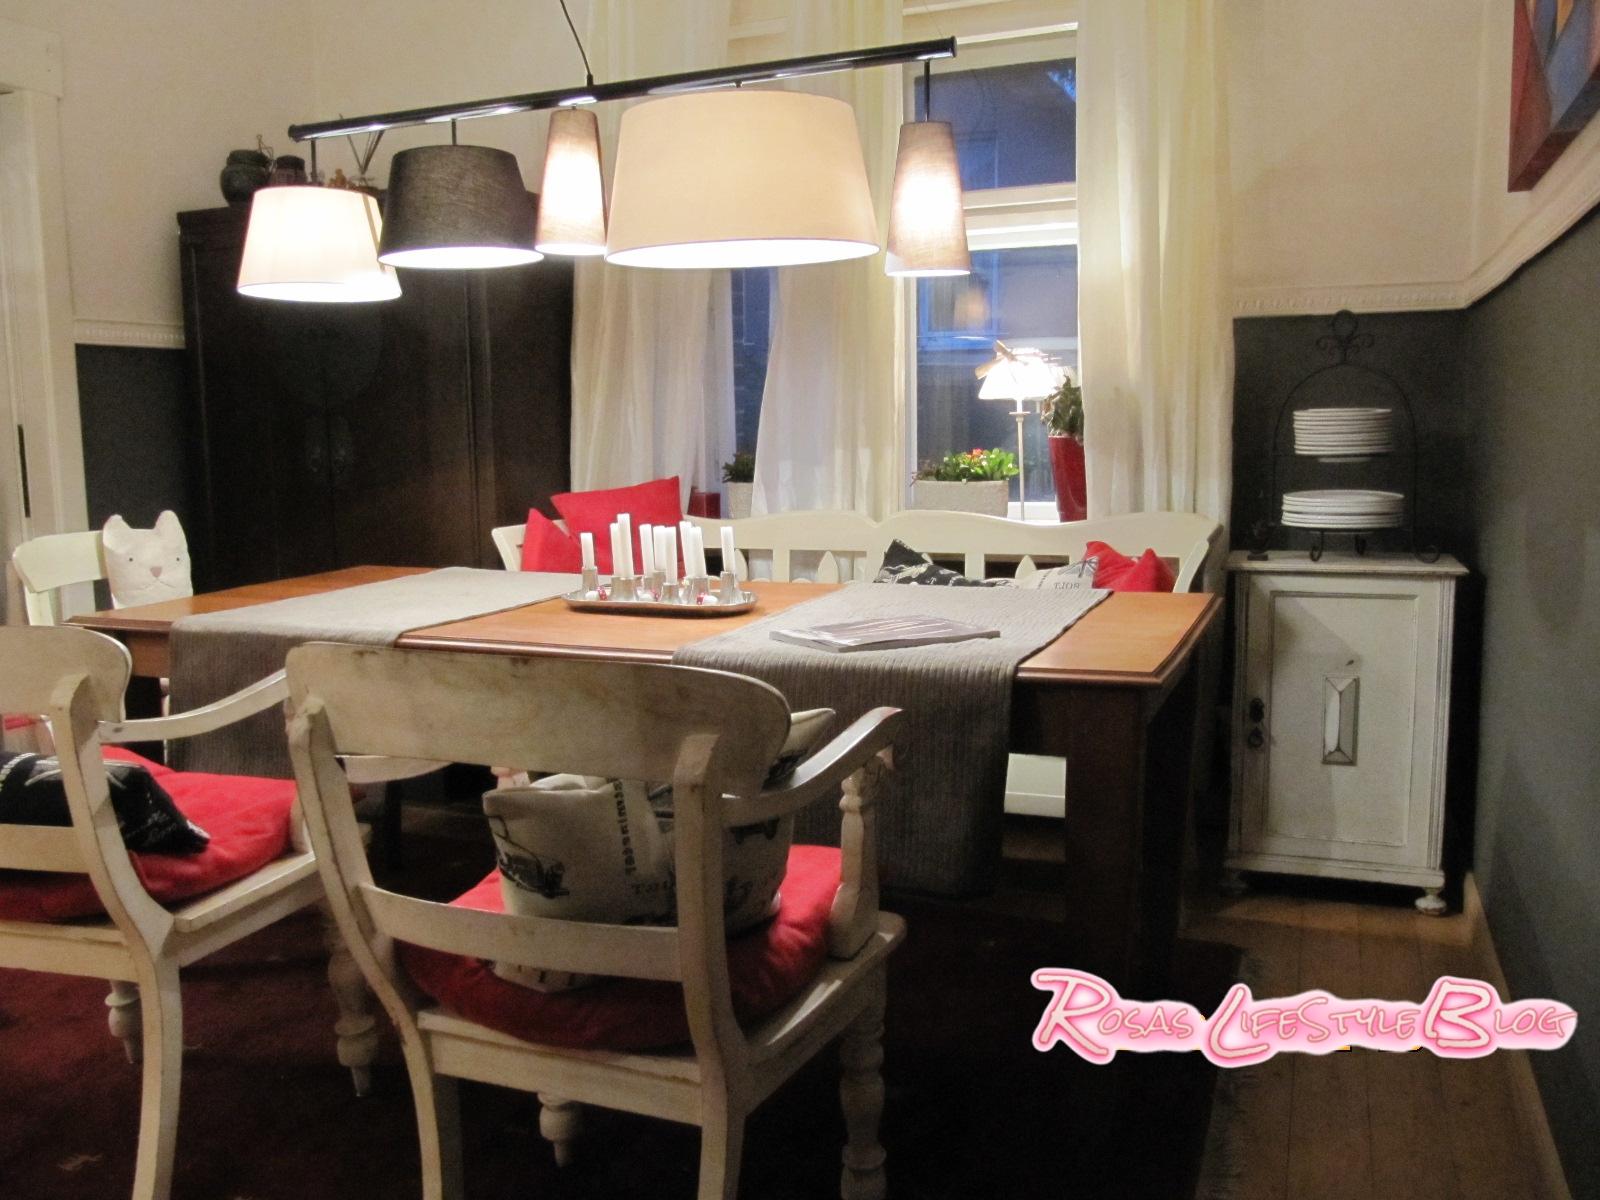 rosas lifestyleblog zwei r ume in zwei tagen die umgestaltung l ssig elegant. Black Bedroom Furniture Sets. Home Design Ideas